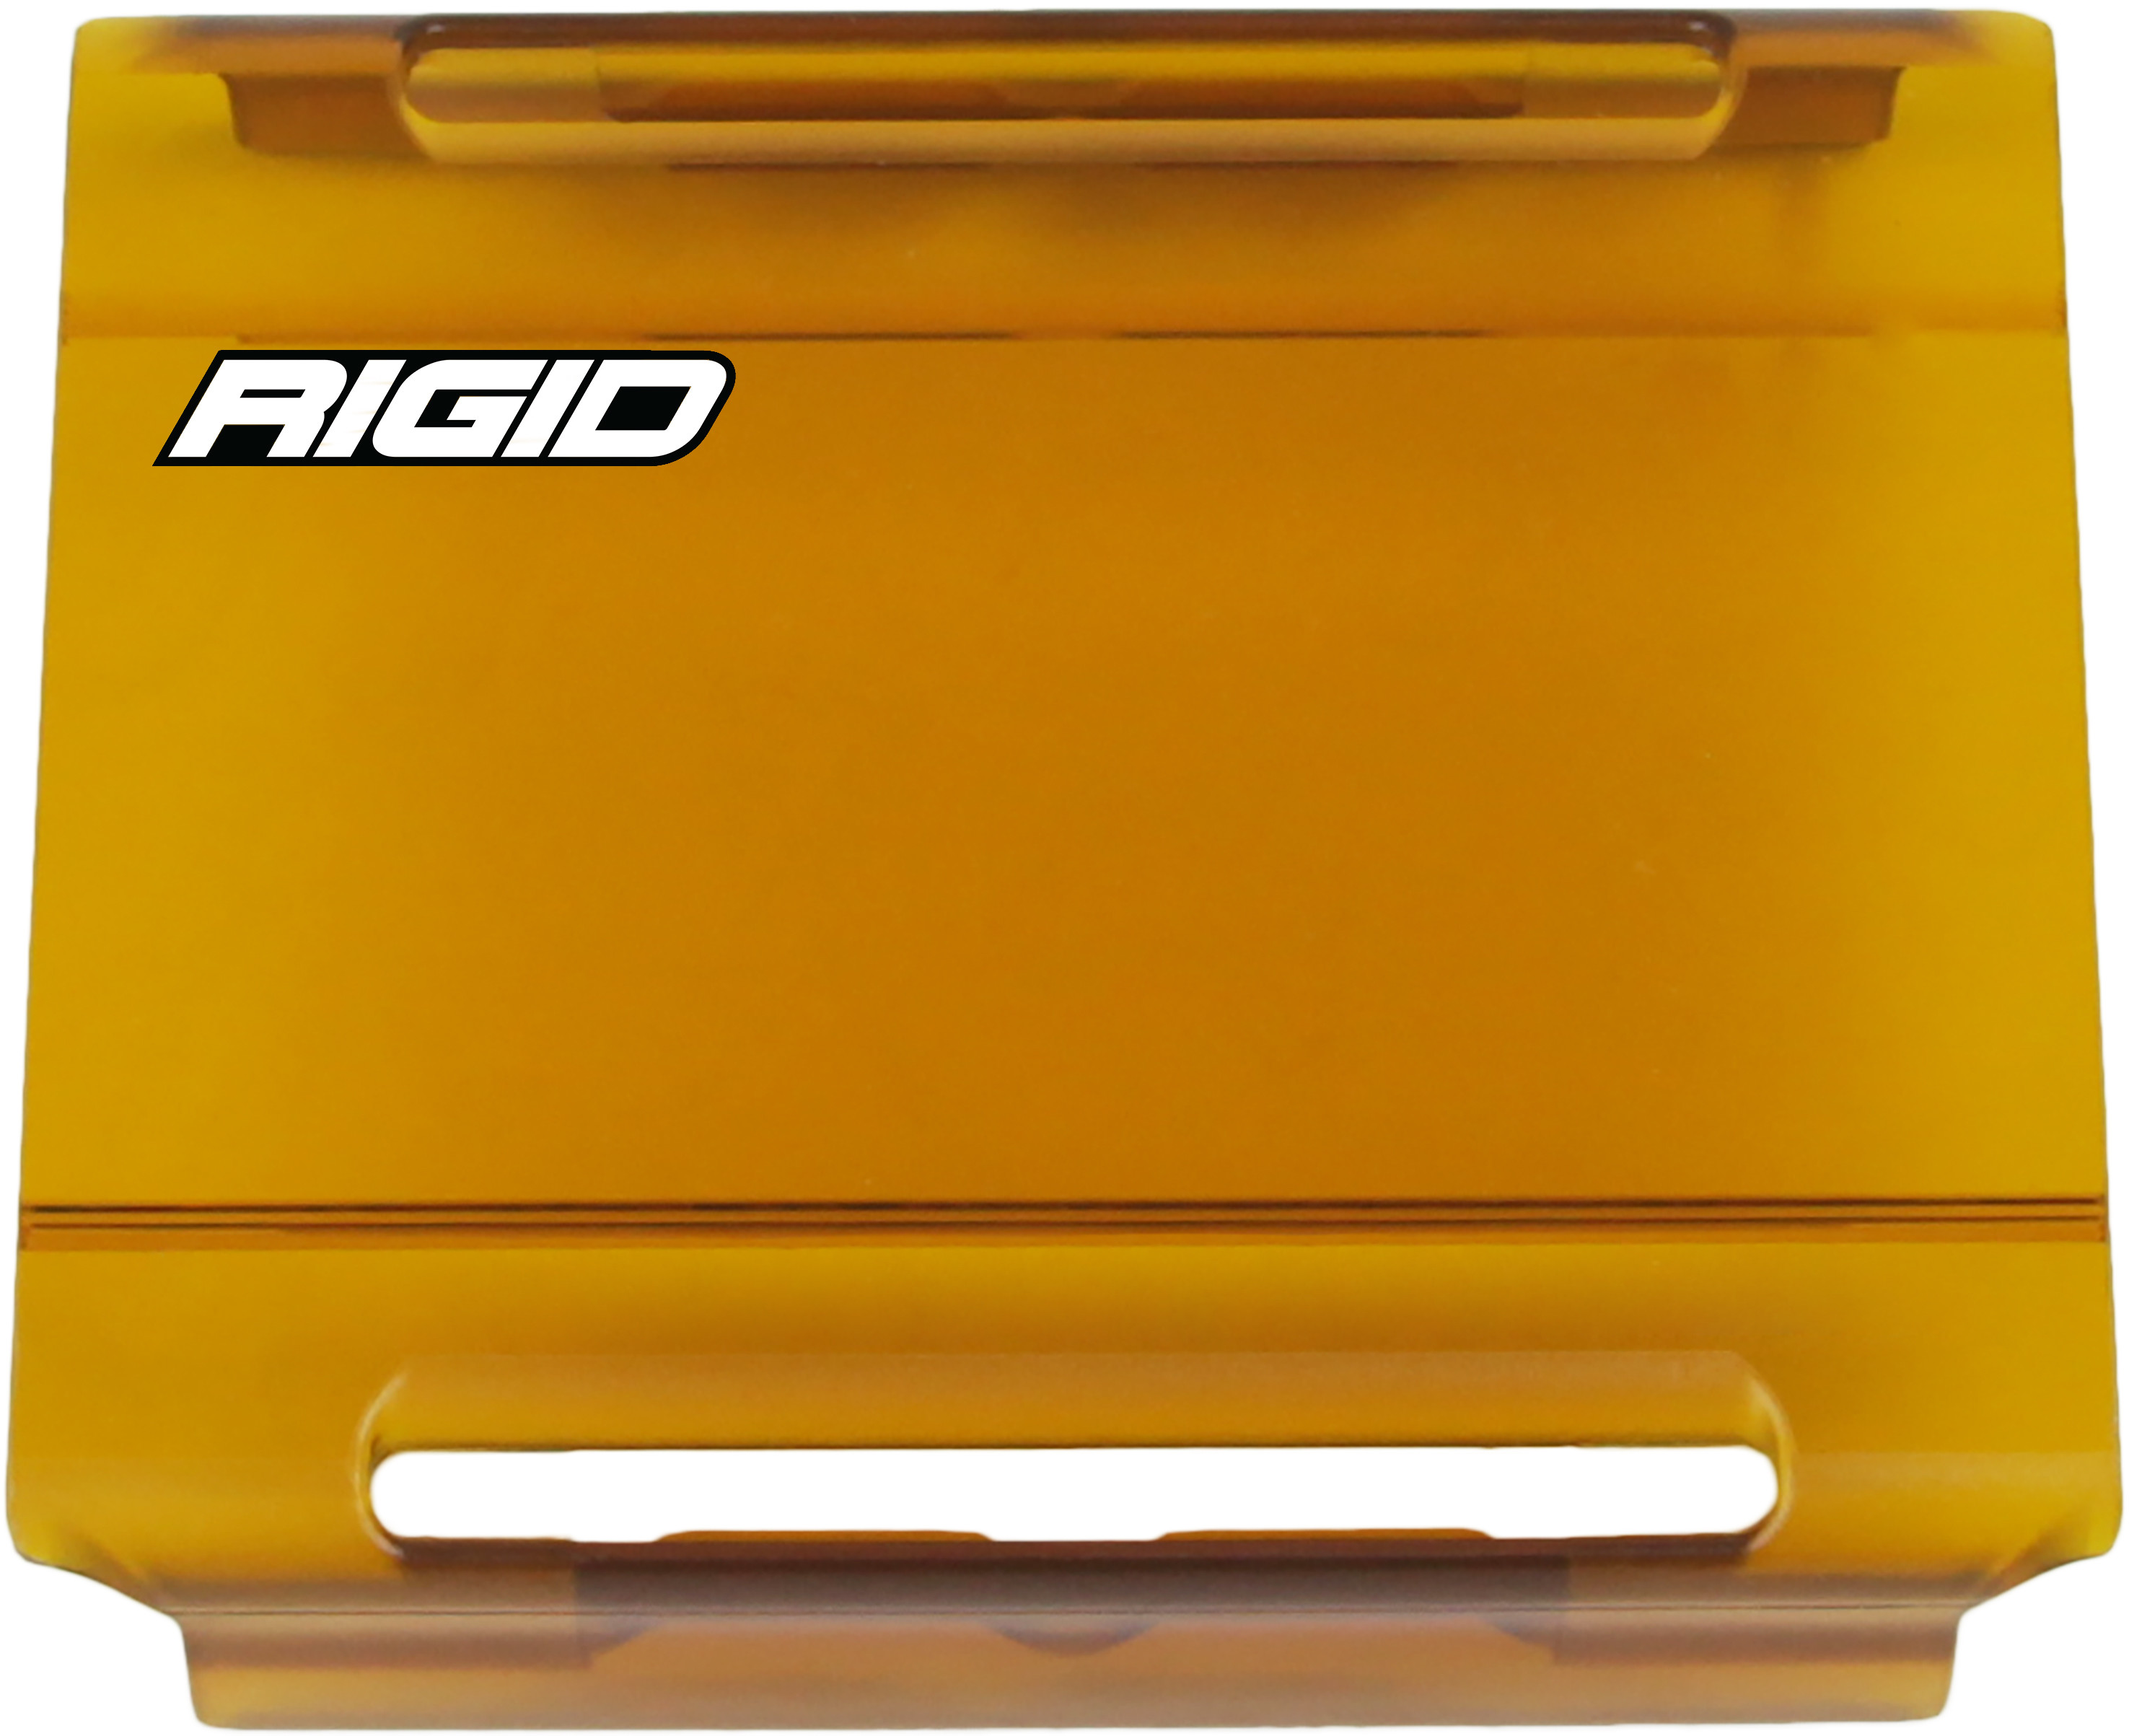 Rigid 4